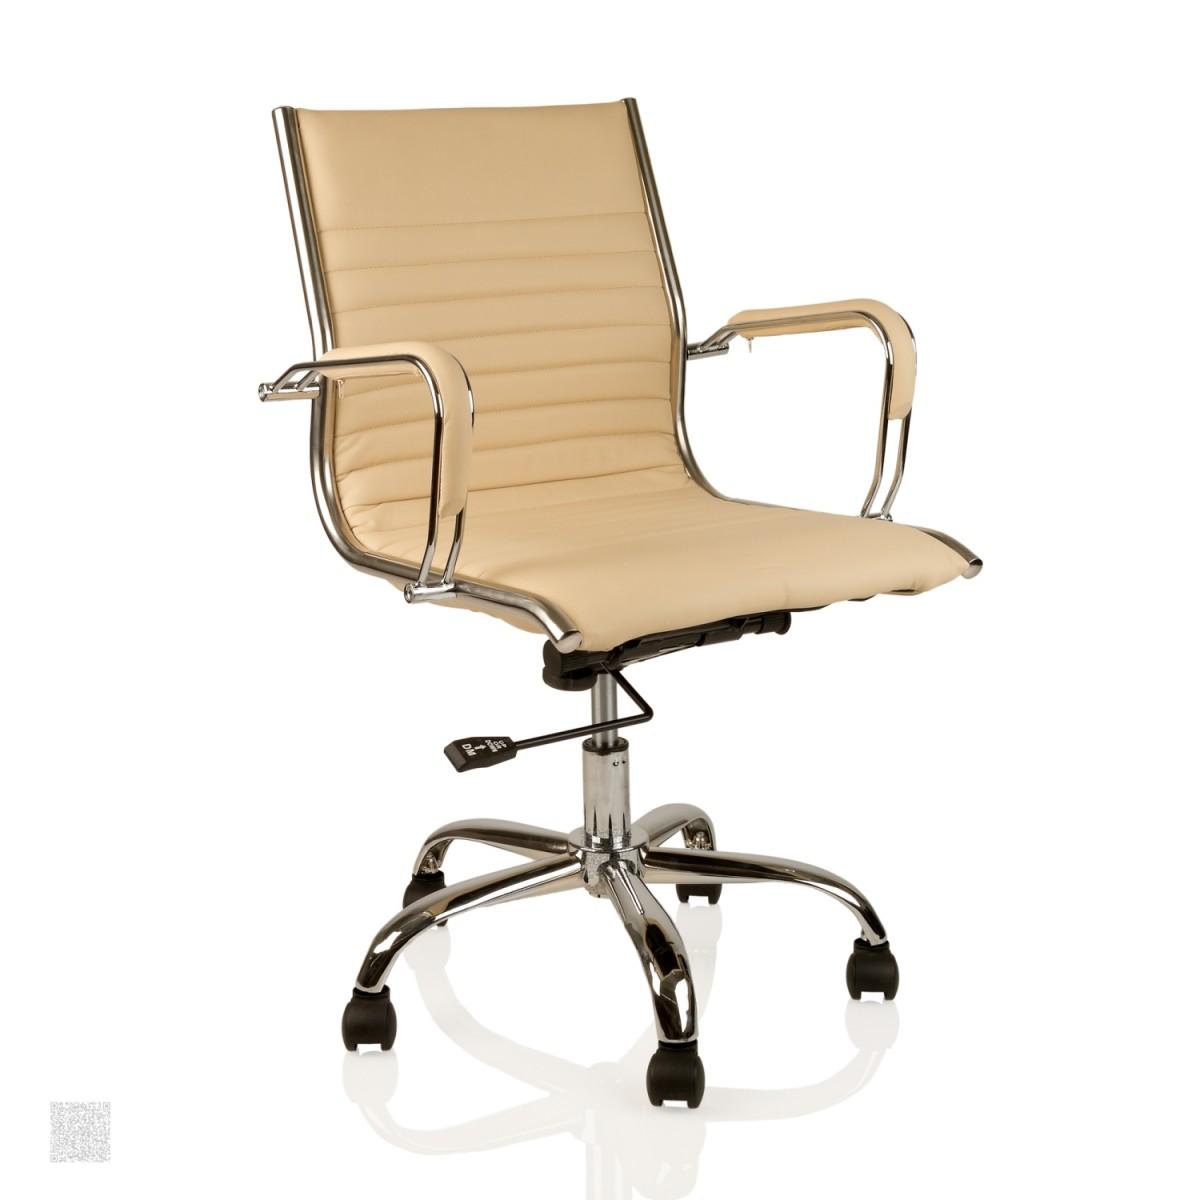 b rostuhl drehstuhl leder optik chefsessel creme sessel st hle haus. Black Bedroom Furniture Sets. Home Design Ideas